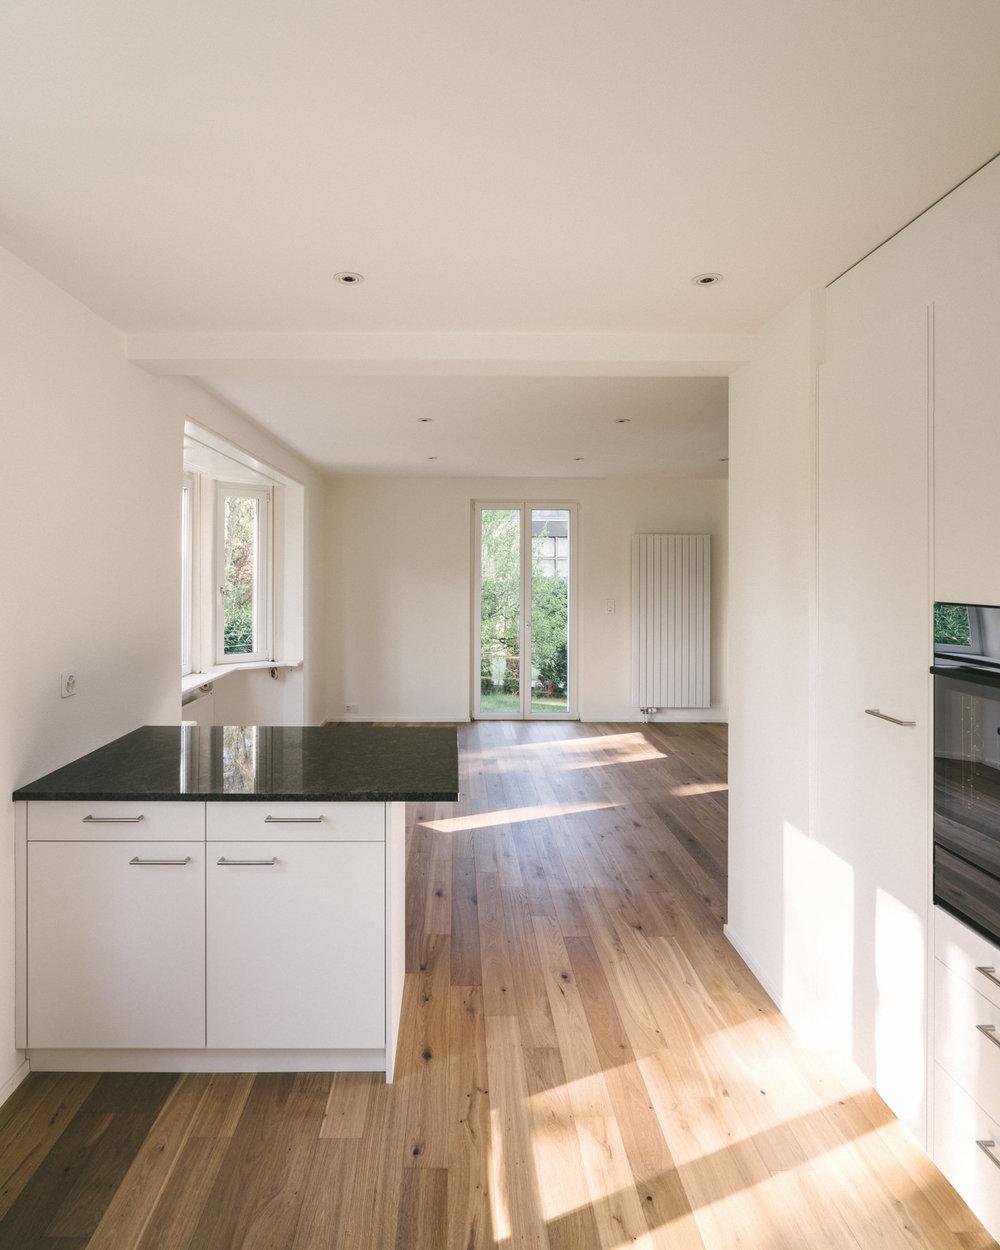 Umbau Arlesheim Wohnraum, Consilium Architektur und Baumanagement